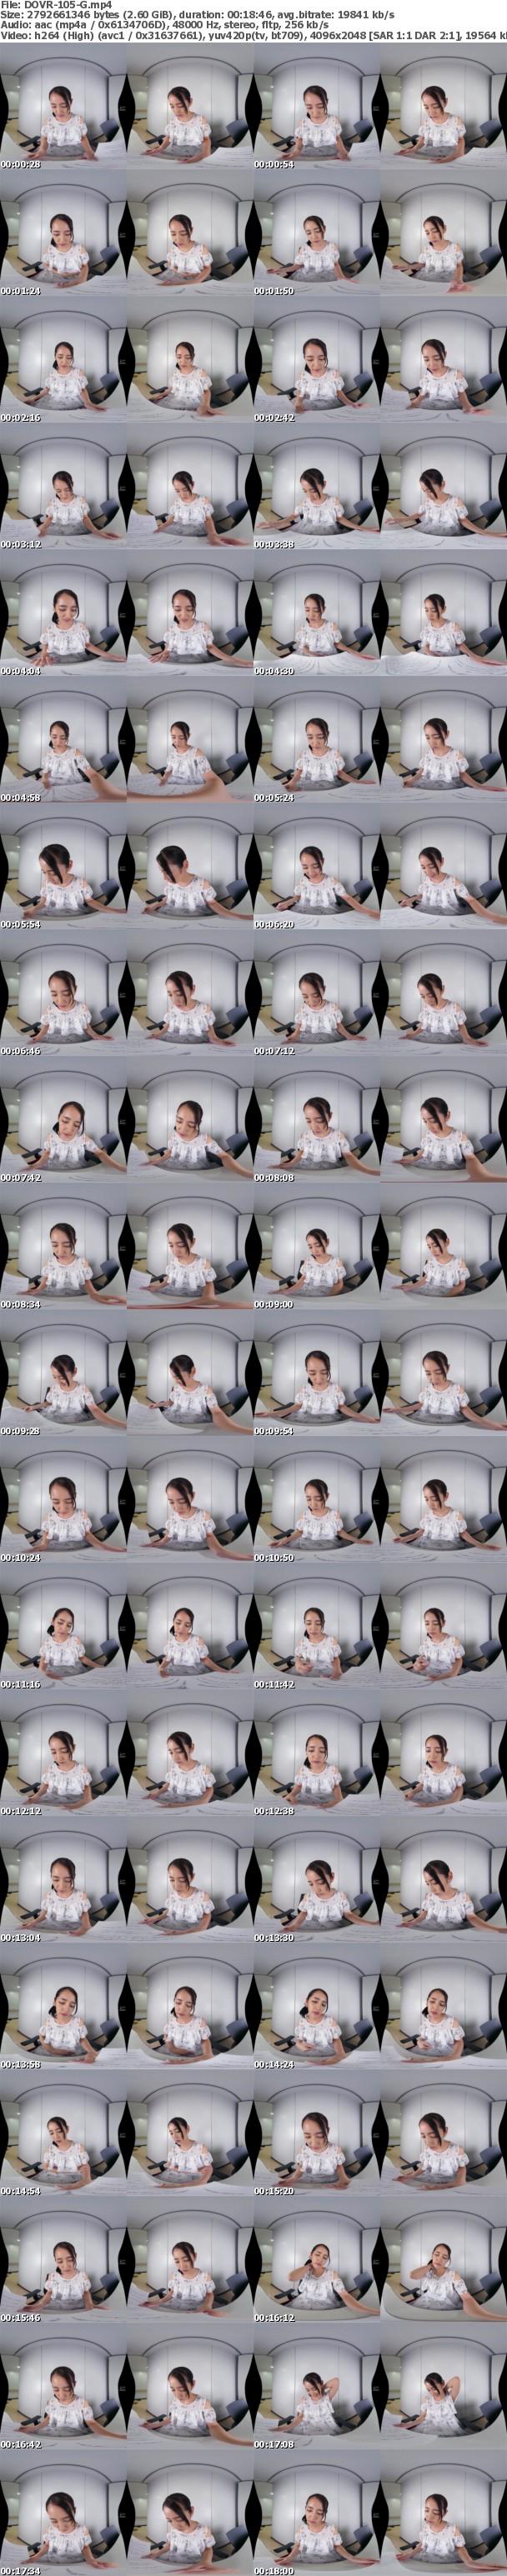 (VR) DOVR-105 【まとめ買い特典あり】官能バイノーラル×高精細VR 禁親想姦 美咲かんな 完全版